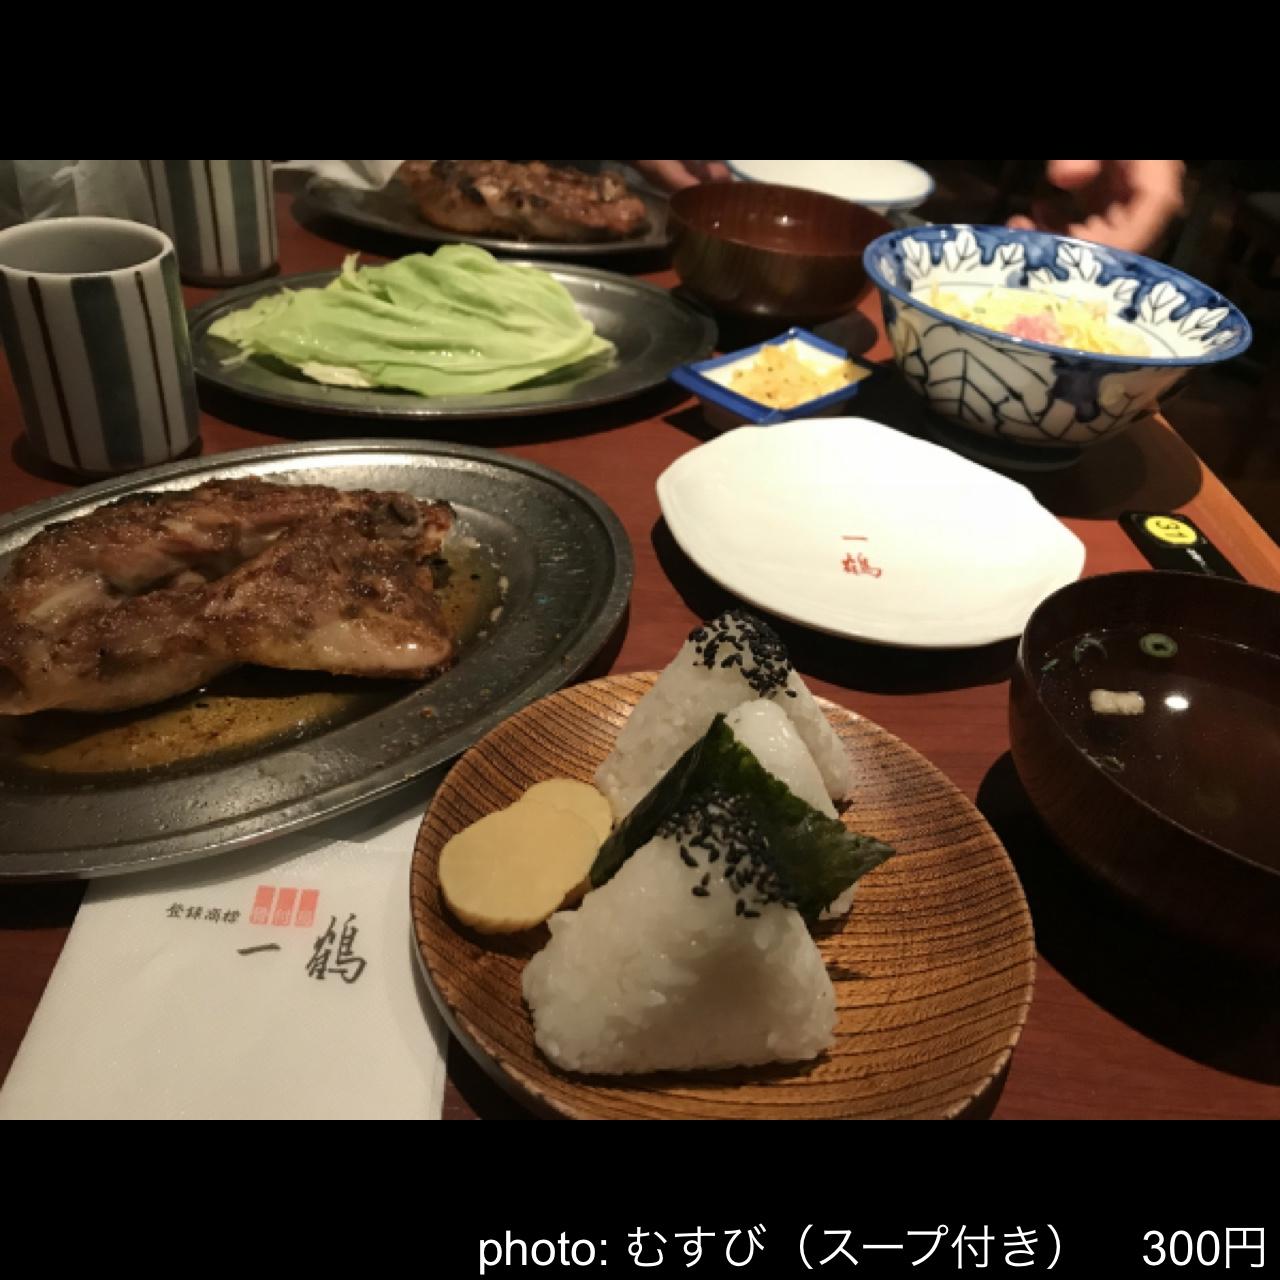 骨付鳥 一鶴 横浜西口店>